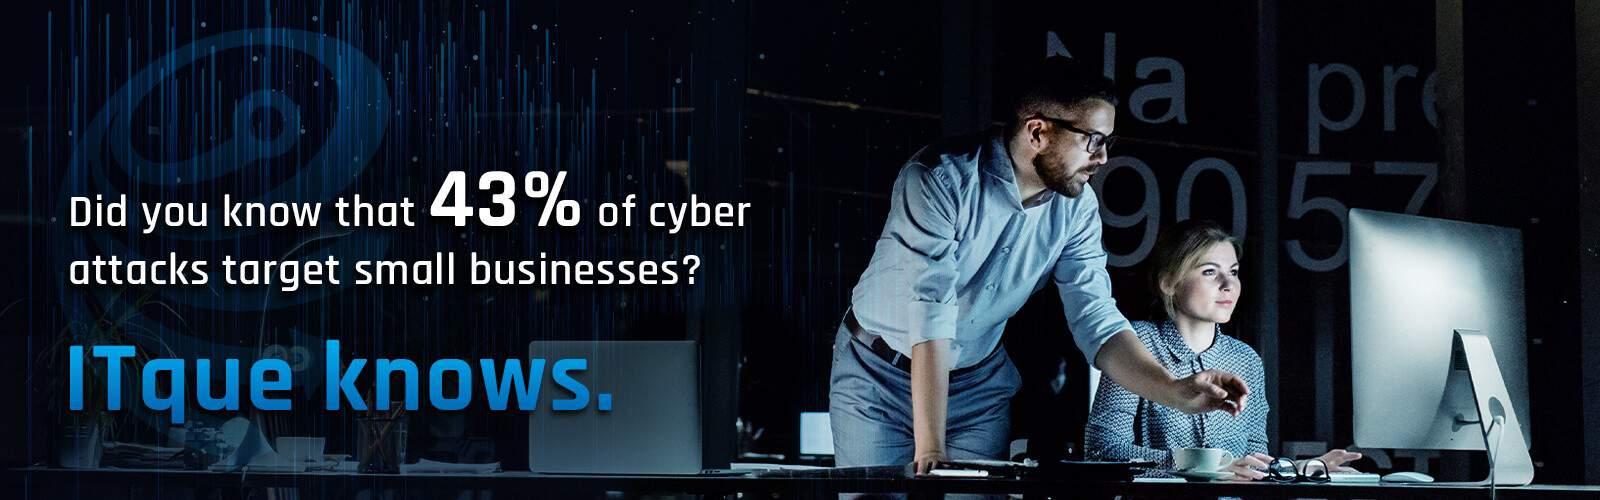 Itque Header Cyber Attacks | ITque